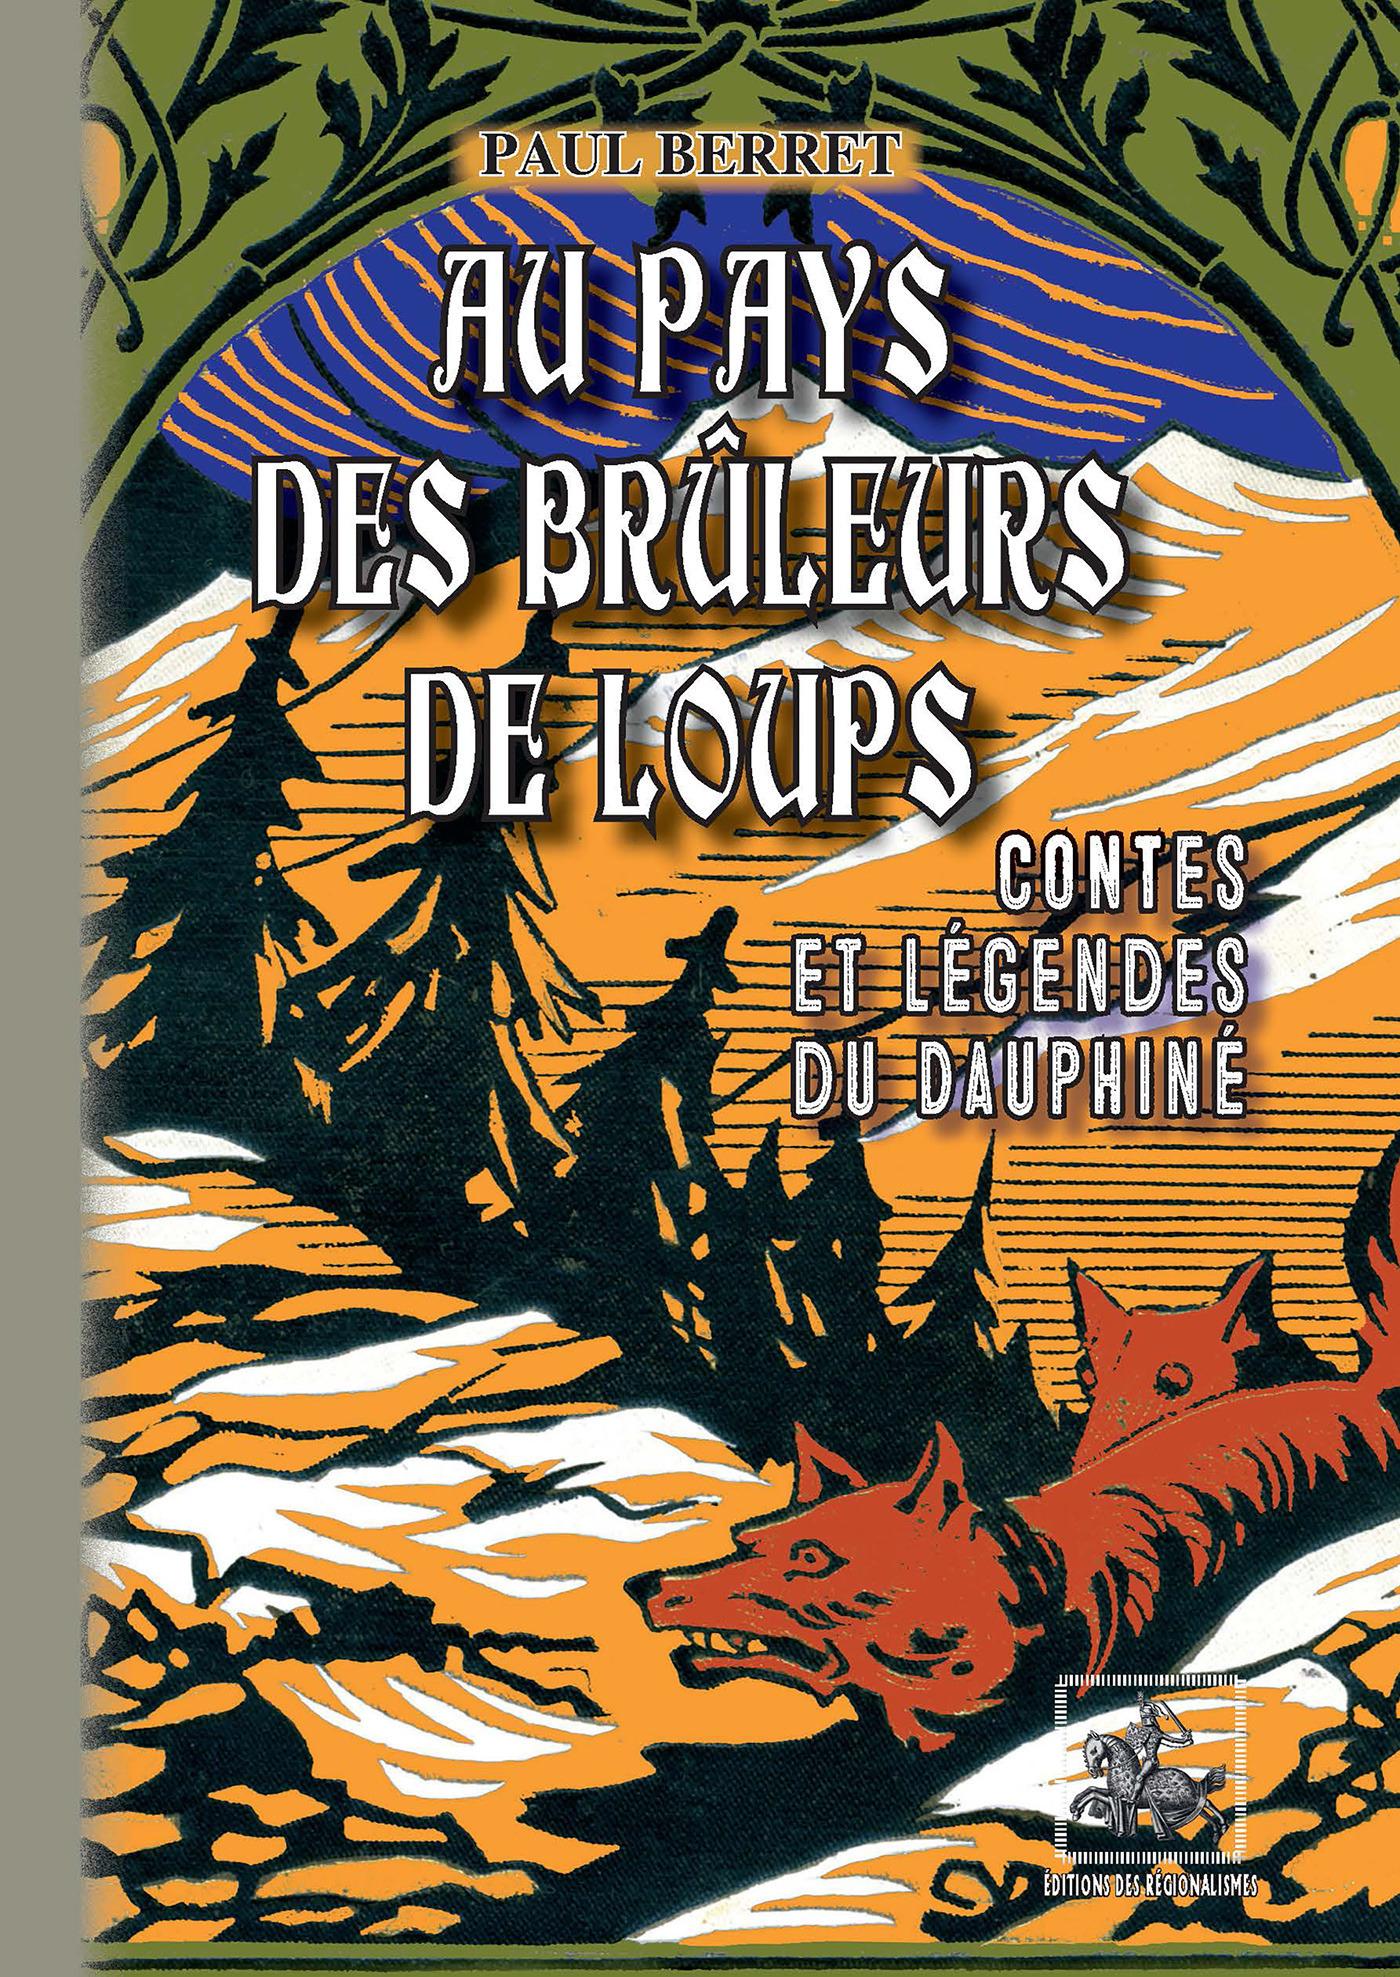 au pays des brûleurs de loup ; contes & légendes du Dauphiné